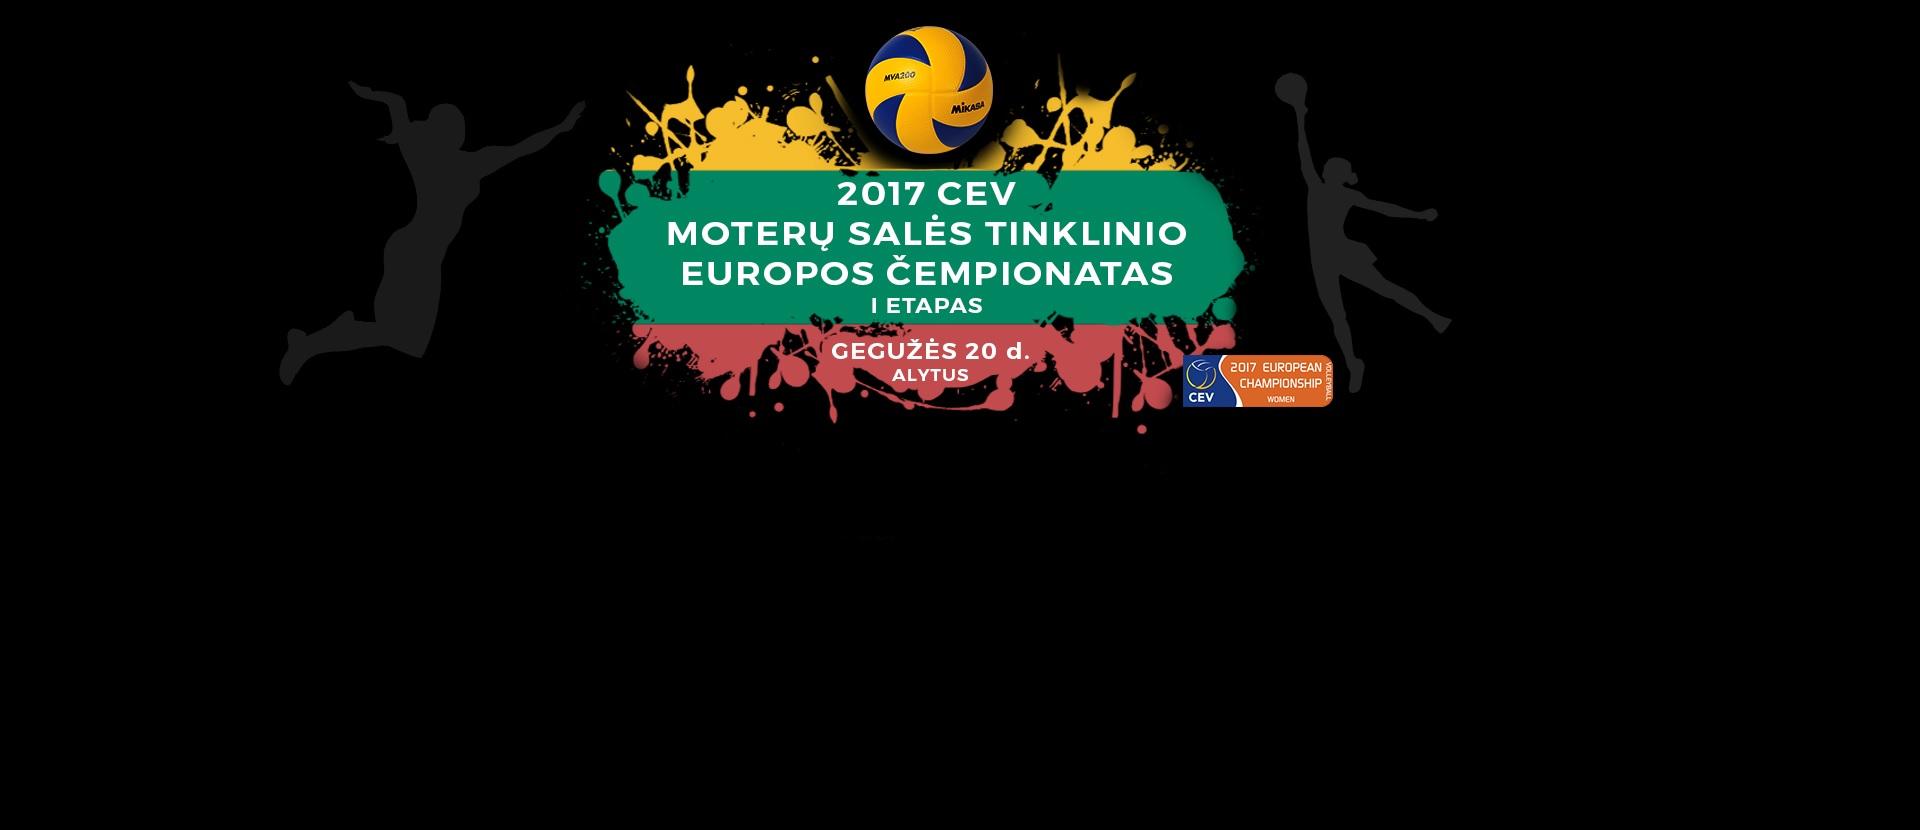 2017 m. Europos moterų tinklinio čempionatas